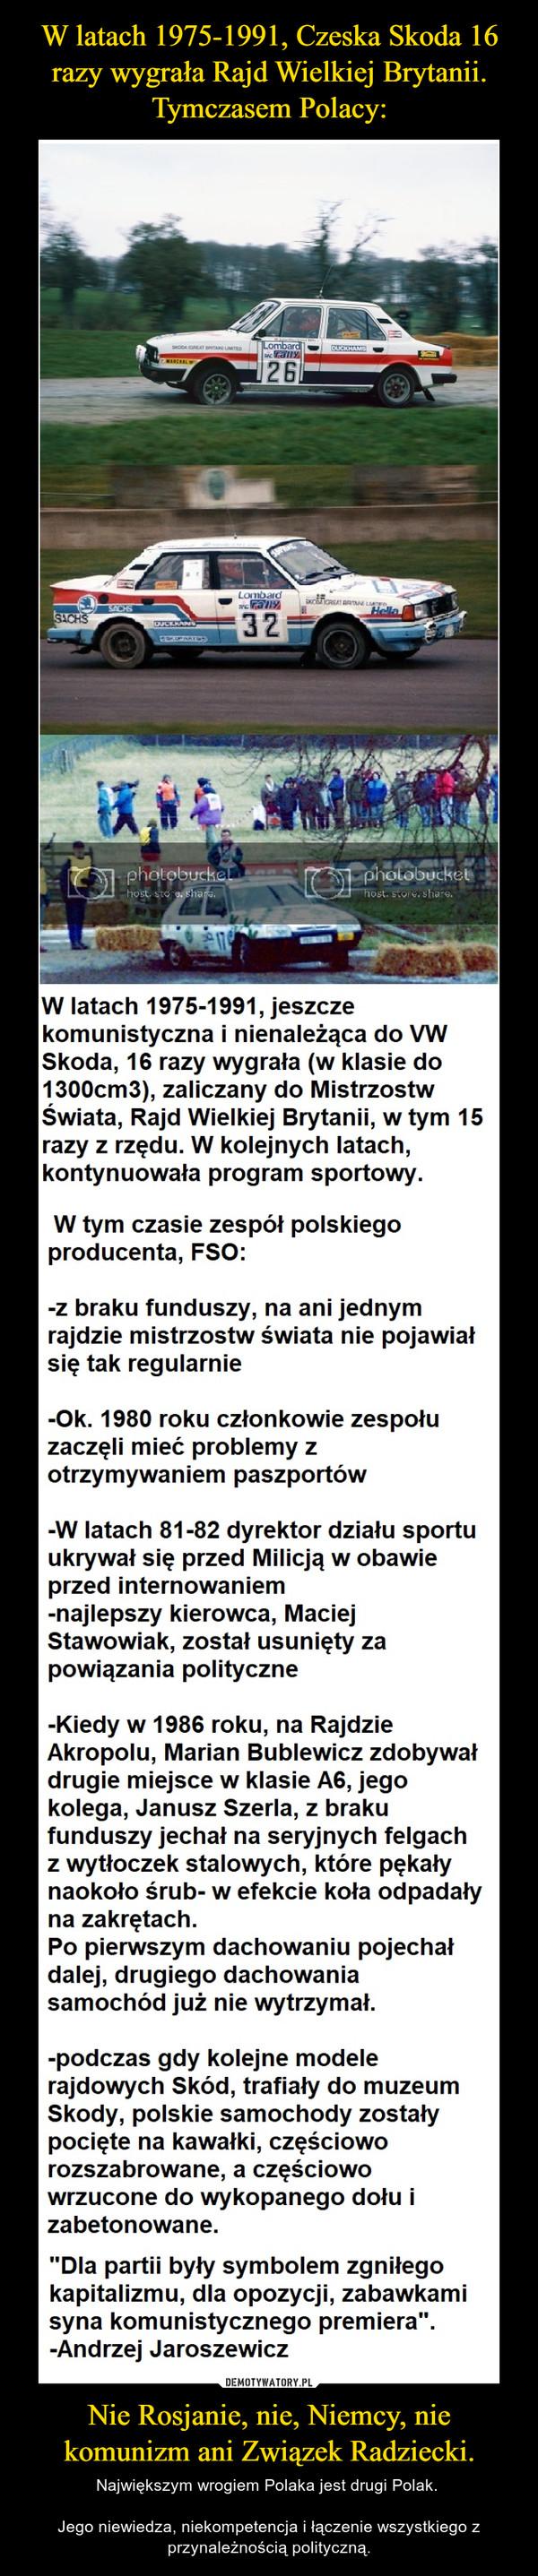 Nie Rosjanie, nie, Niemcy, nie komunizm ani Związek Radziecki. – Największym wrogiem Polaka jest drugi Polak. Jego niewiedza, niekompetencja i łączenie wszystkiego z przynależnością polityczną.